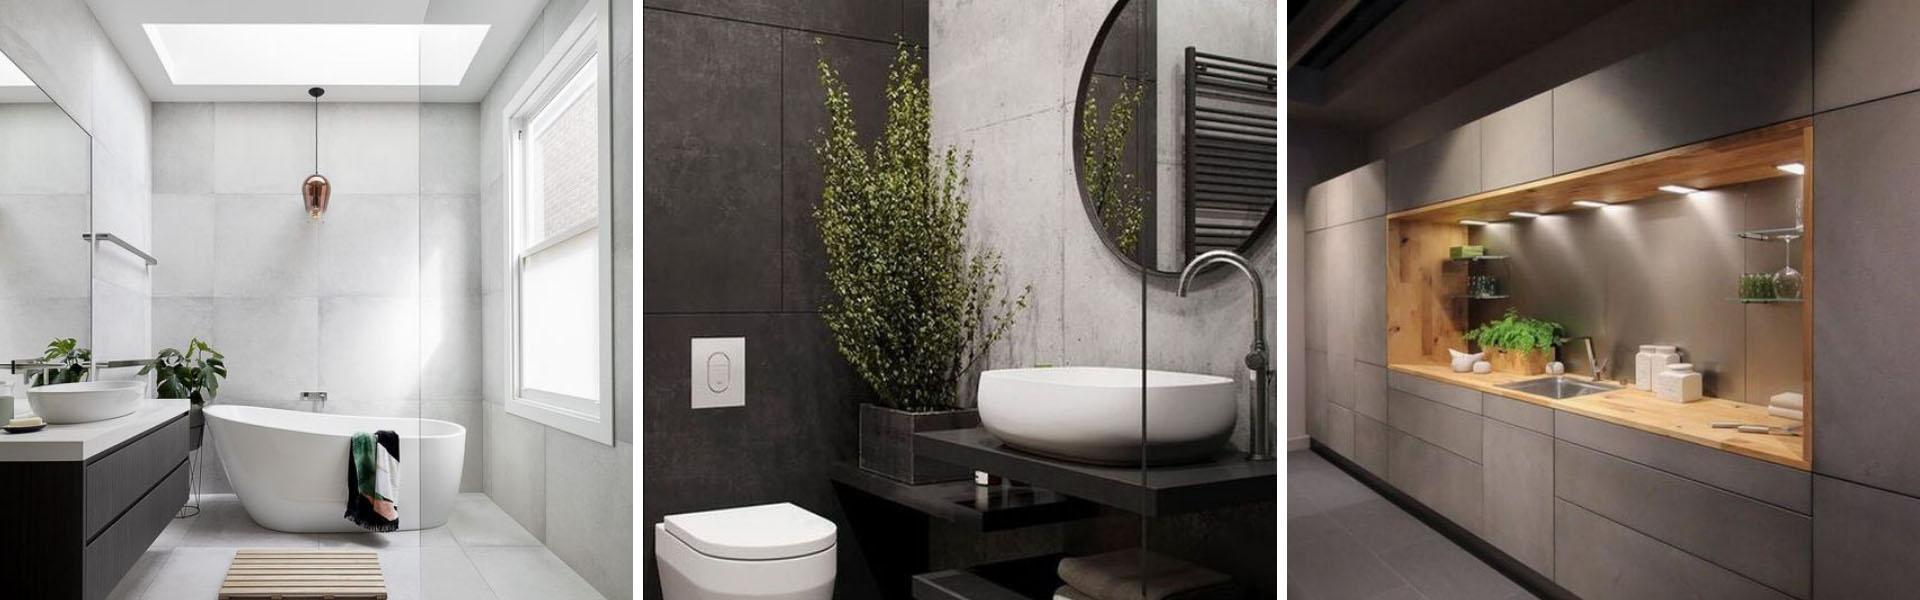 Les couleurs tendance 2020 int grer votre d cor - Tendance couleur salle de bain 2020 ...